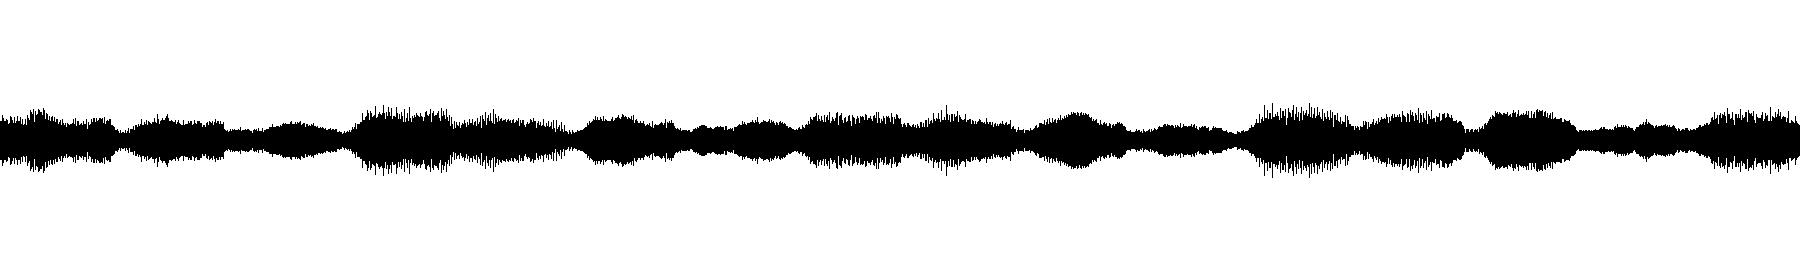 pth synth 11b